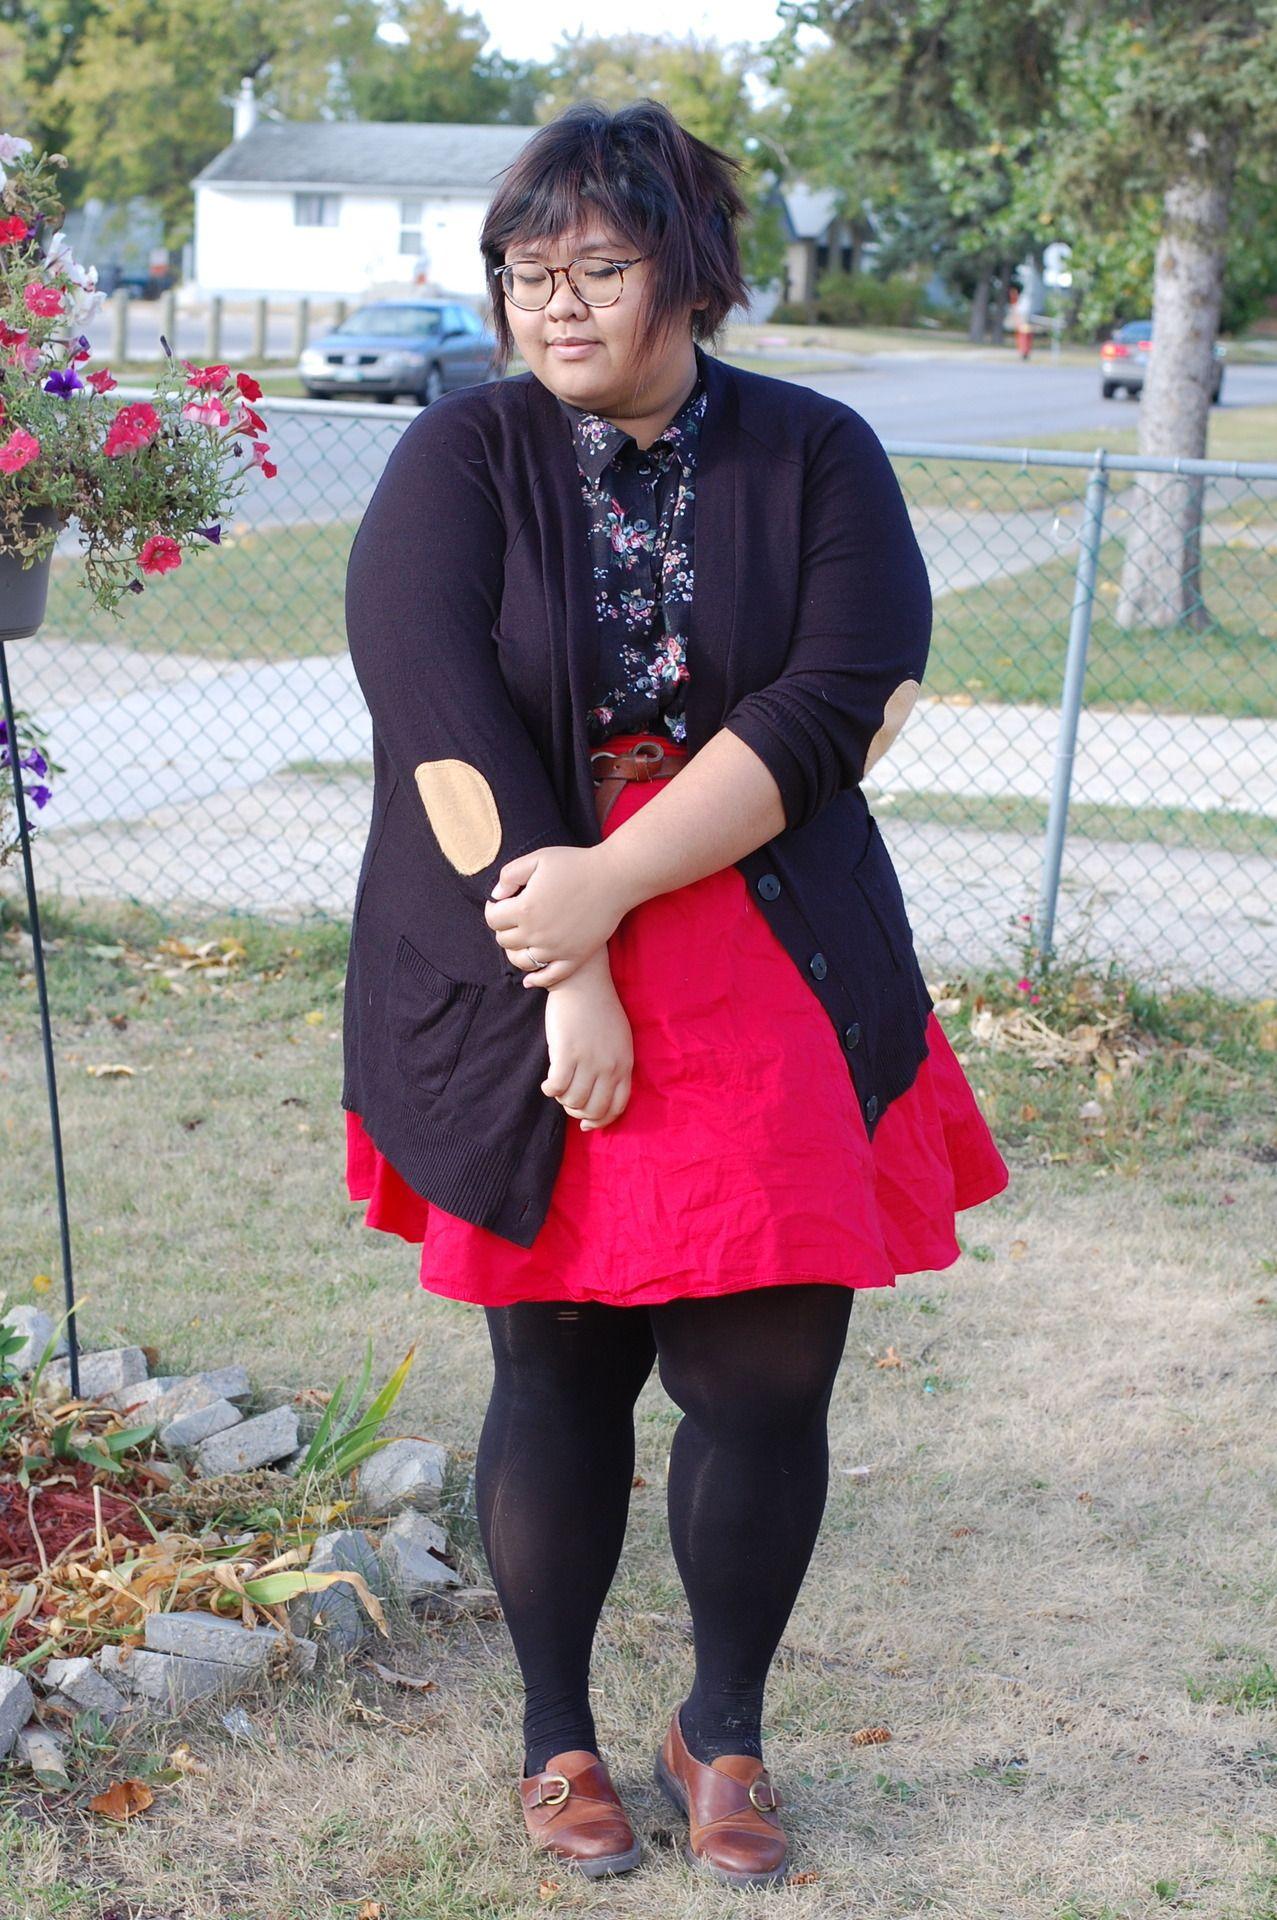 Short fat girl pics